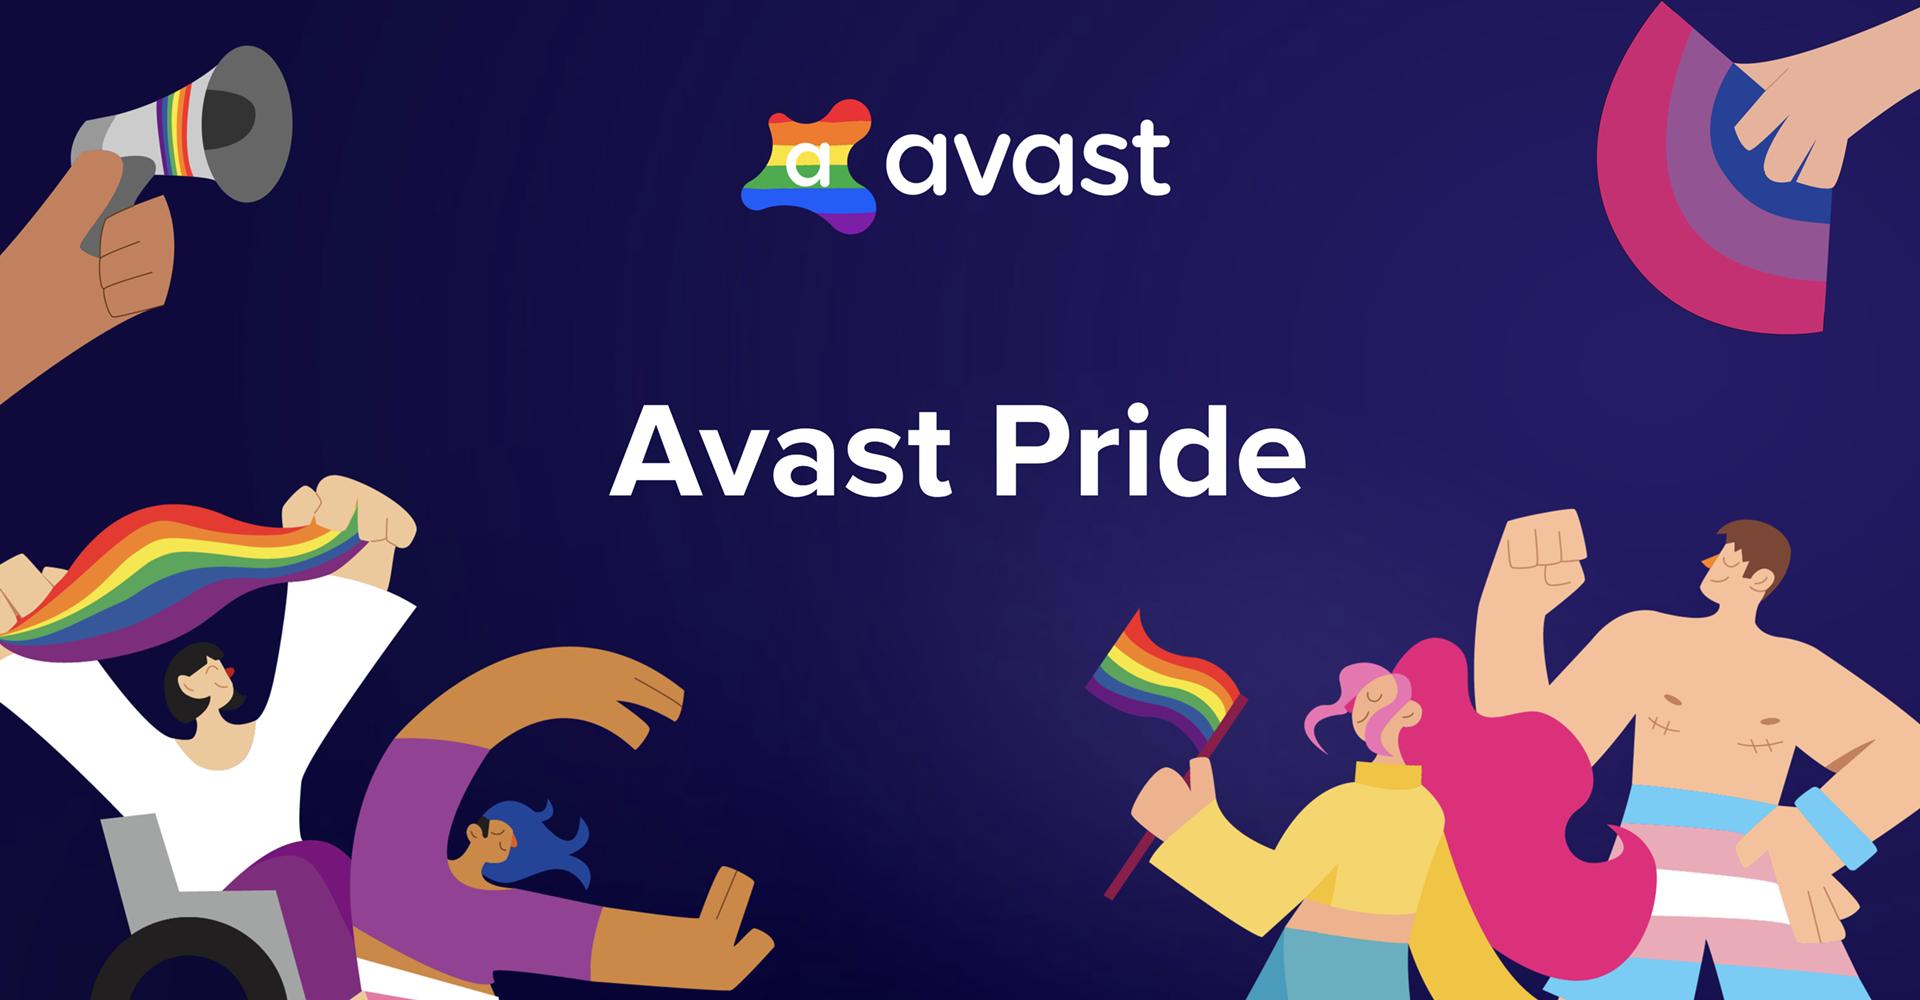 Avast Pride Event 2021 | Avast